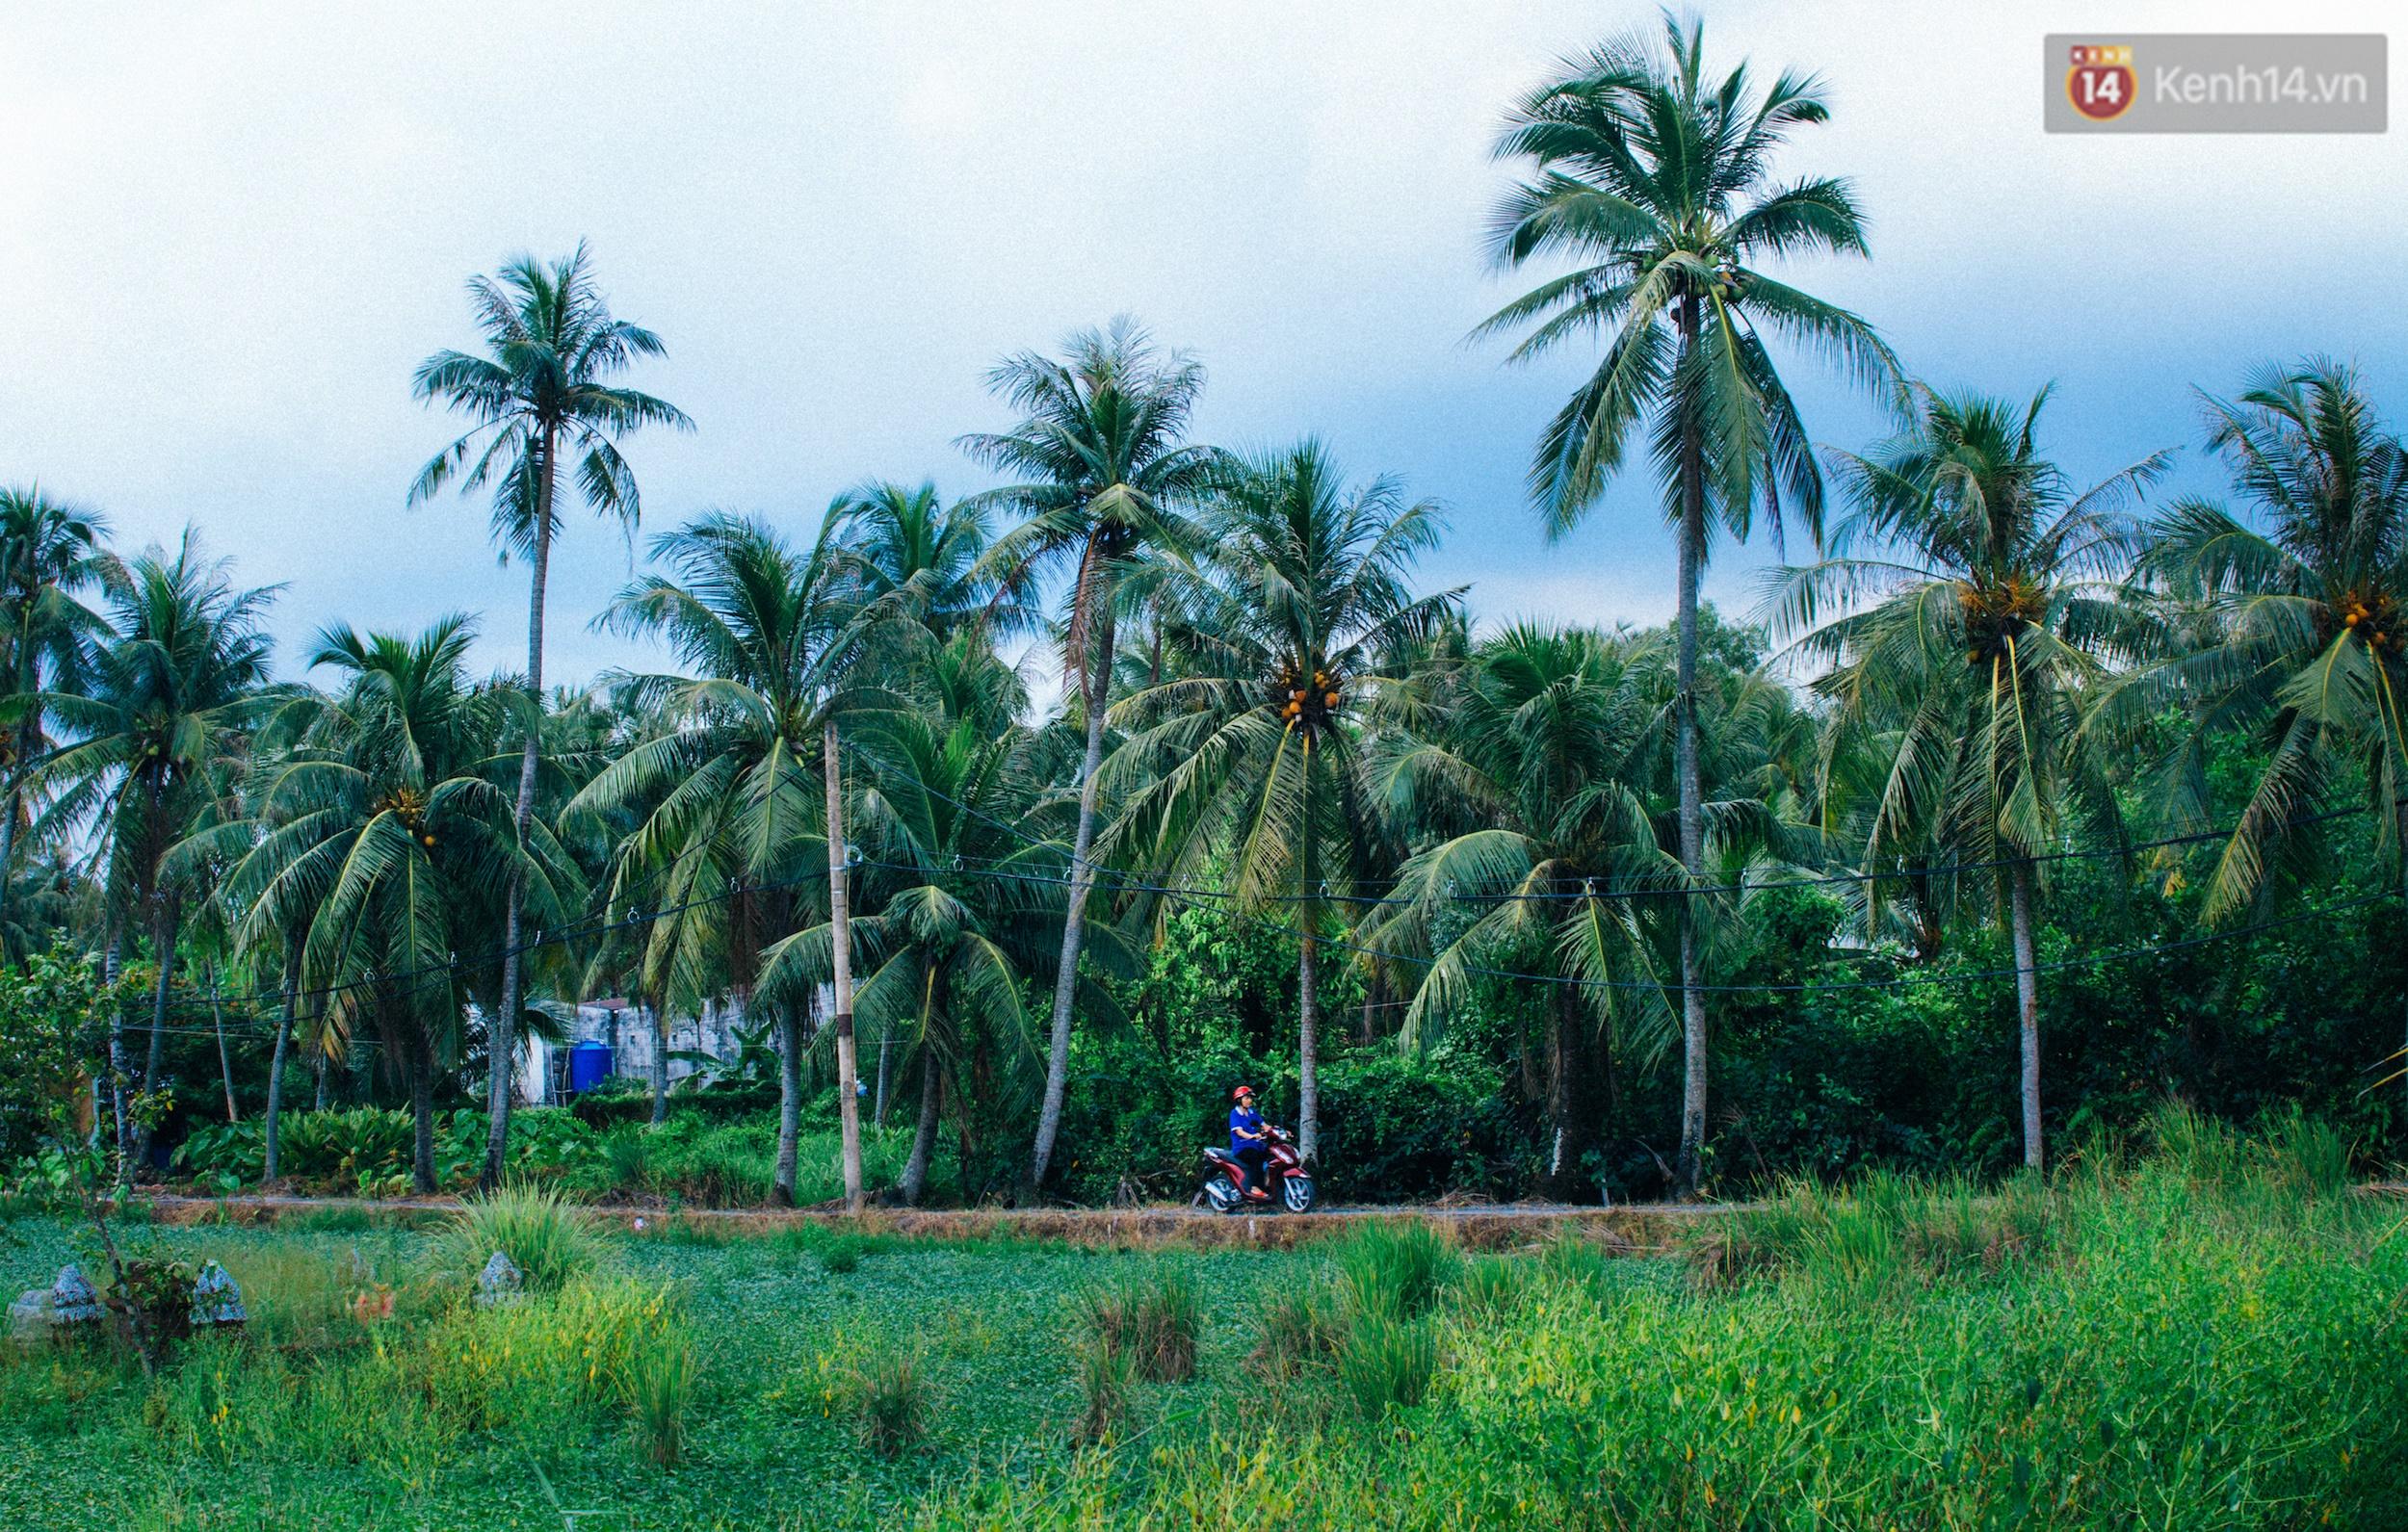 Chùm ảnh: Cuộc sống ở bán đảo Thanh Đa - Một miền nông thôn tách biệt dù chỉ cách trung tâm Sài Gòn vài km - Ảnh 16.